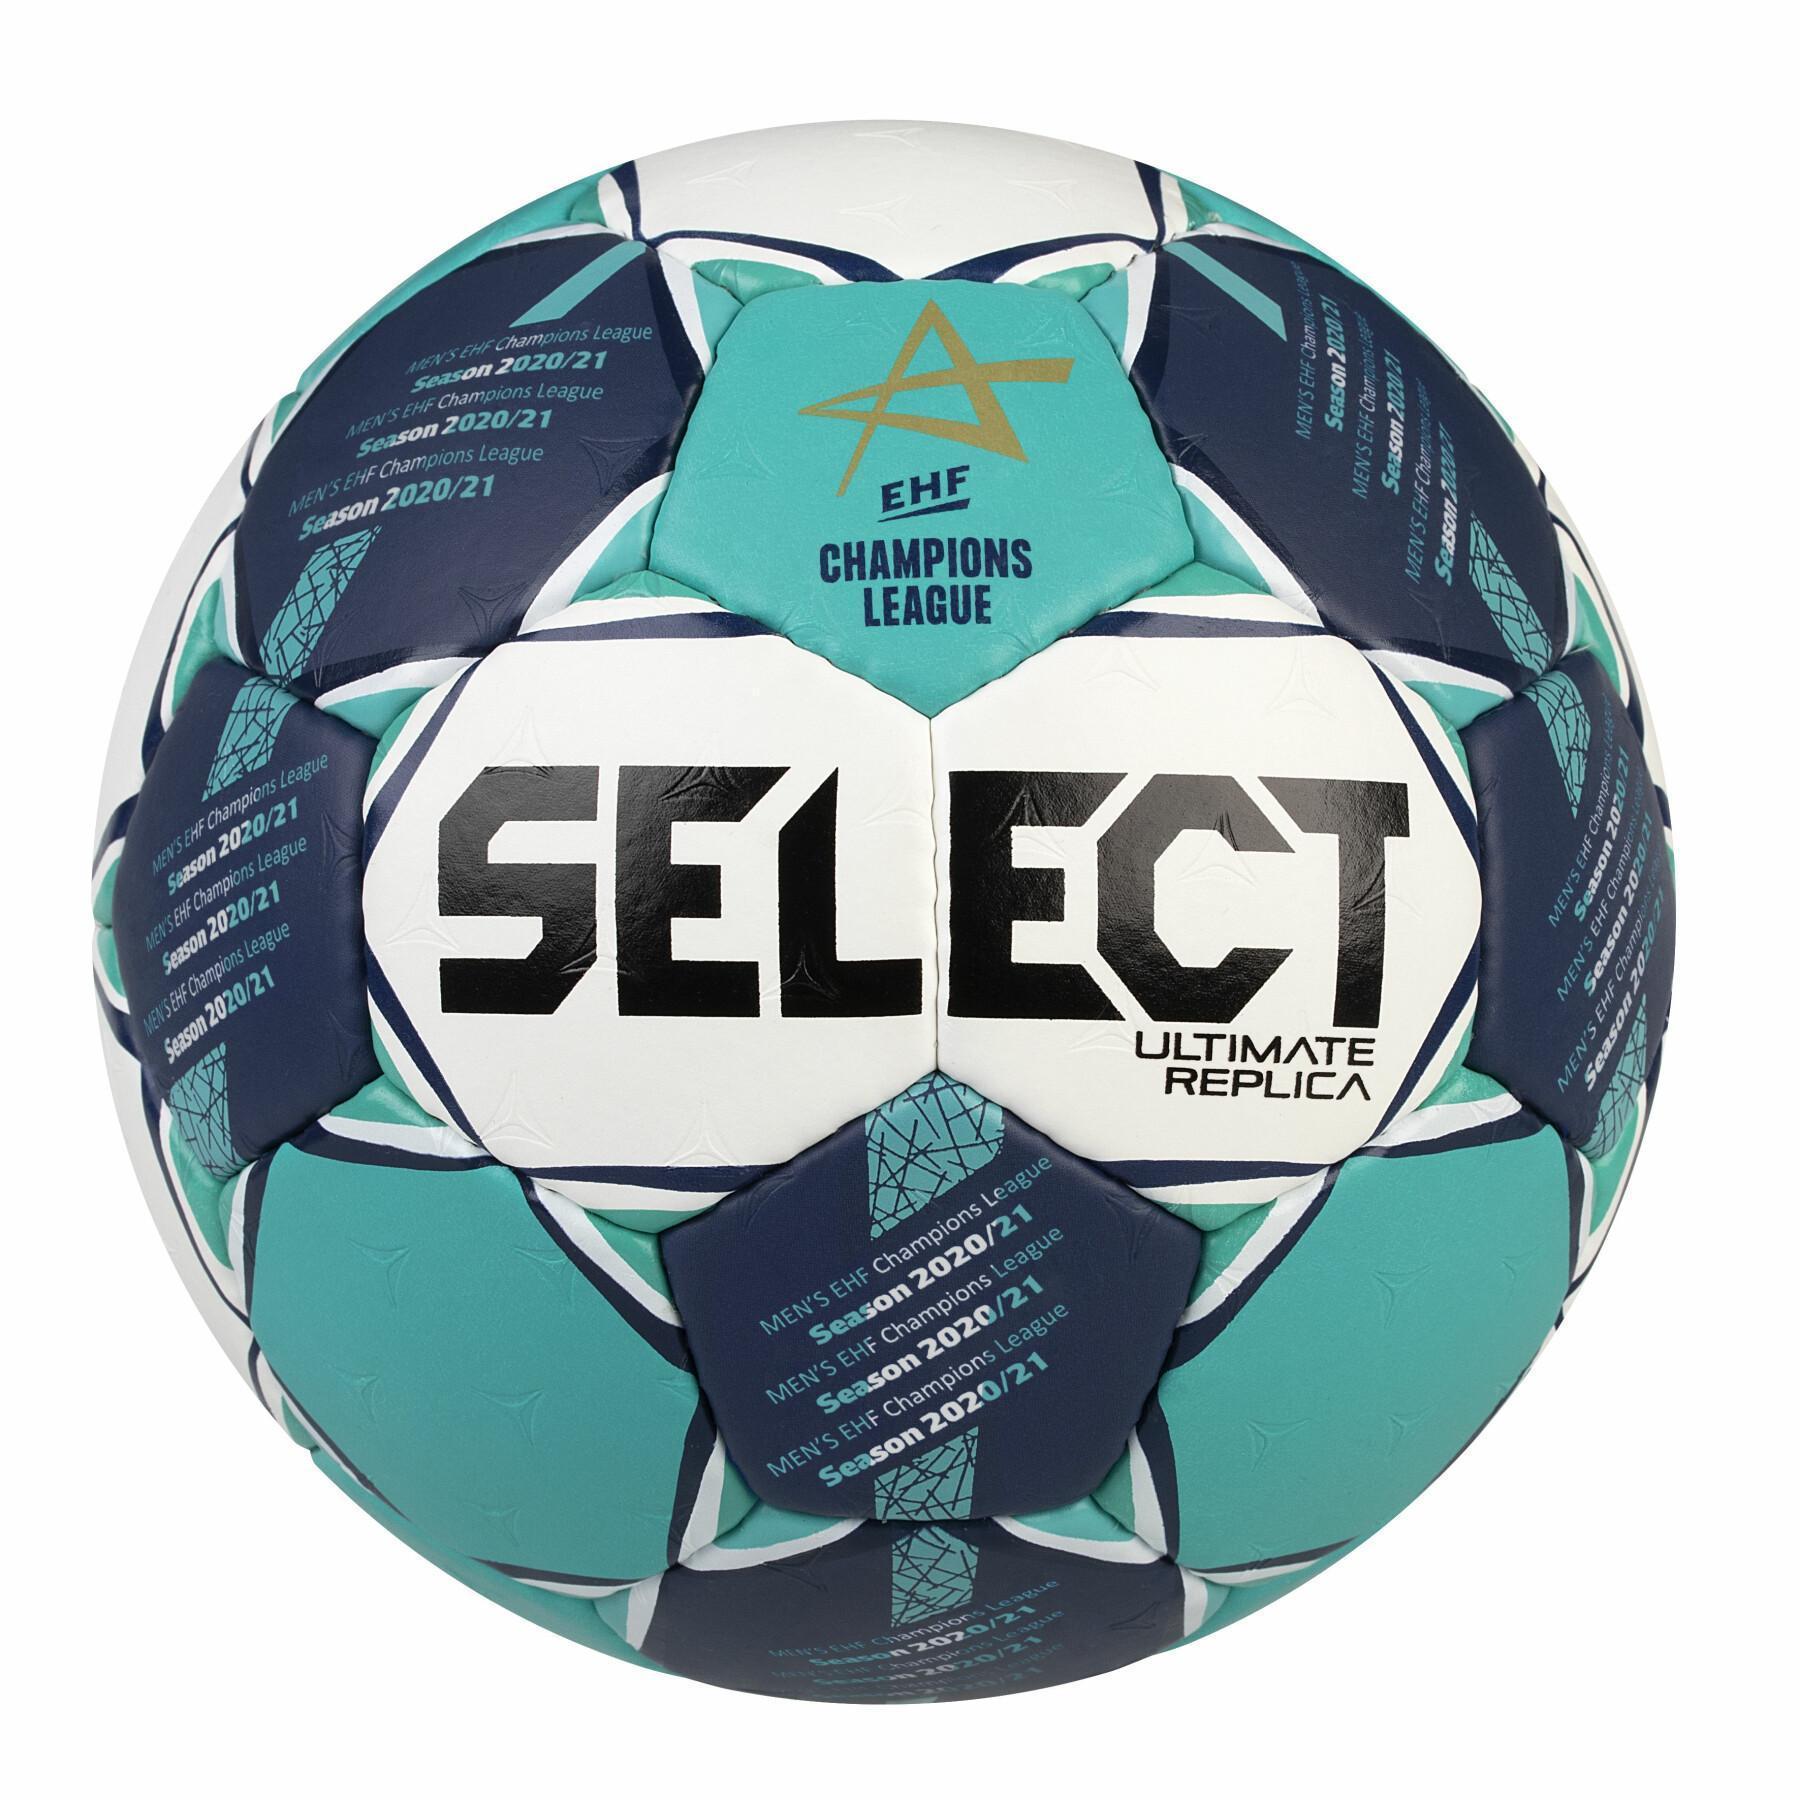 Ultimate Replica Champions League 2020/21 Ball